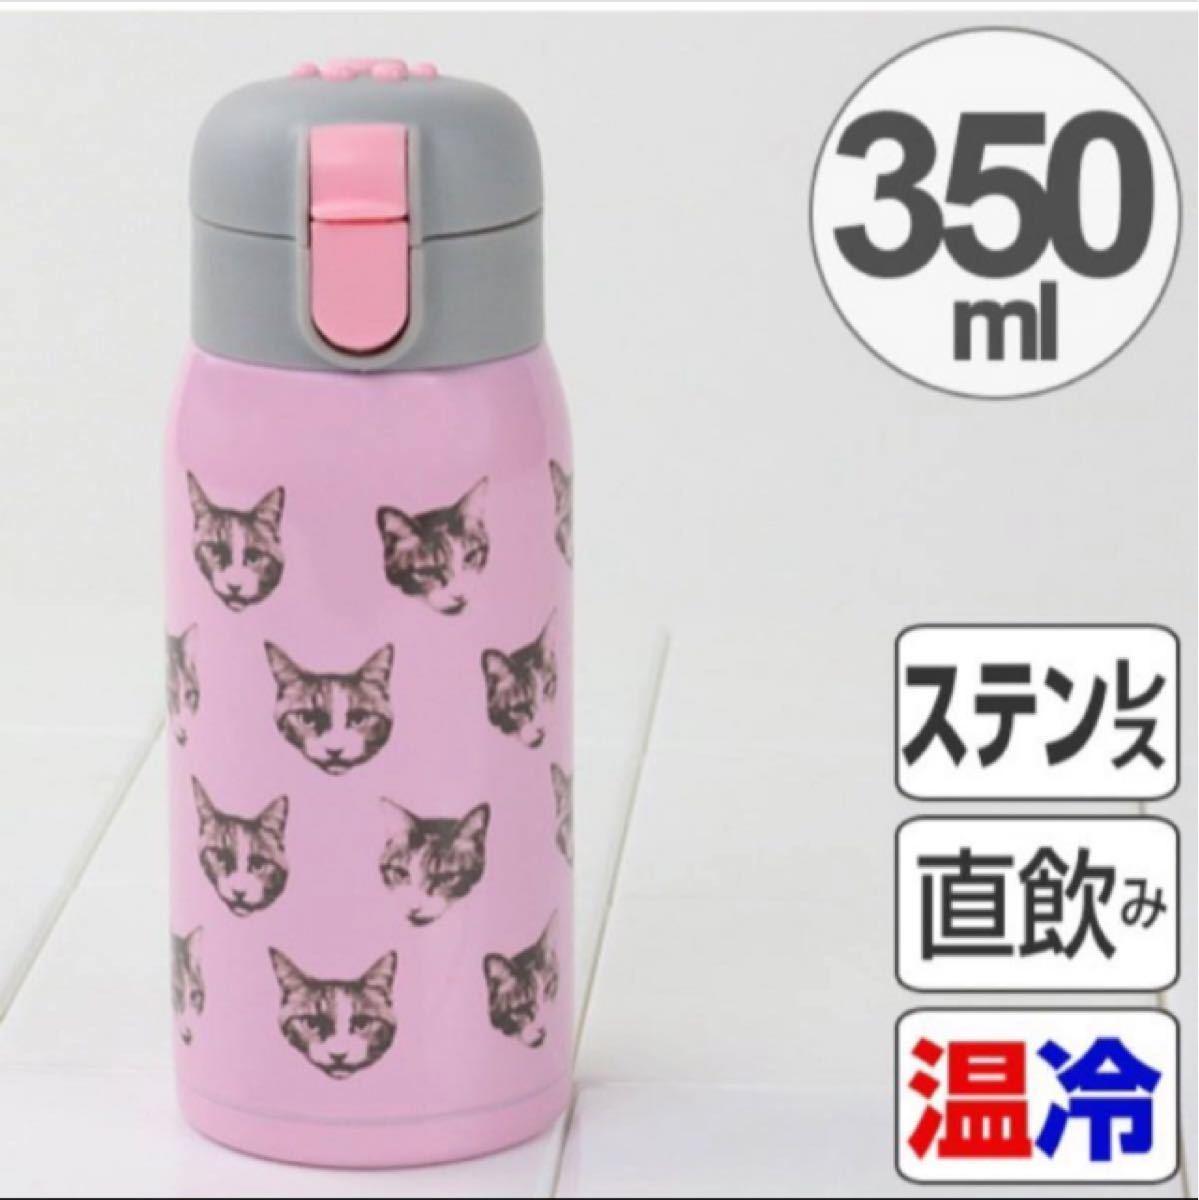 ニャントル ワンタッチ栓マグボトル 350ml  ステンレスボトル ステンレスマグ ねこ ネコ柄